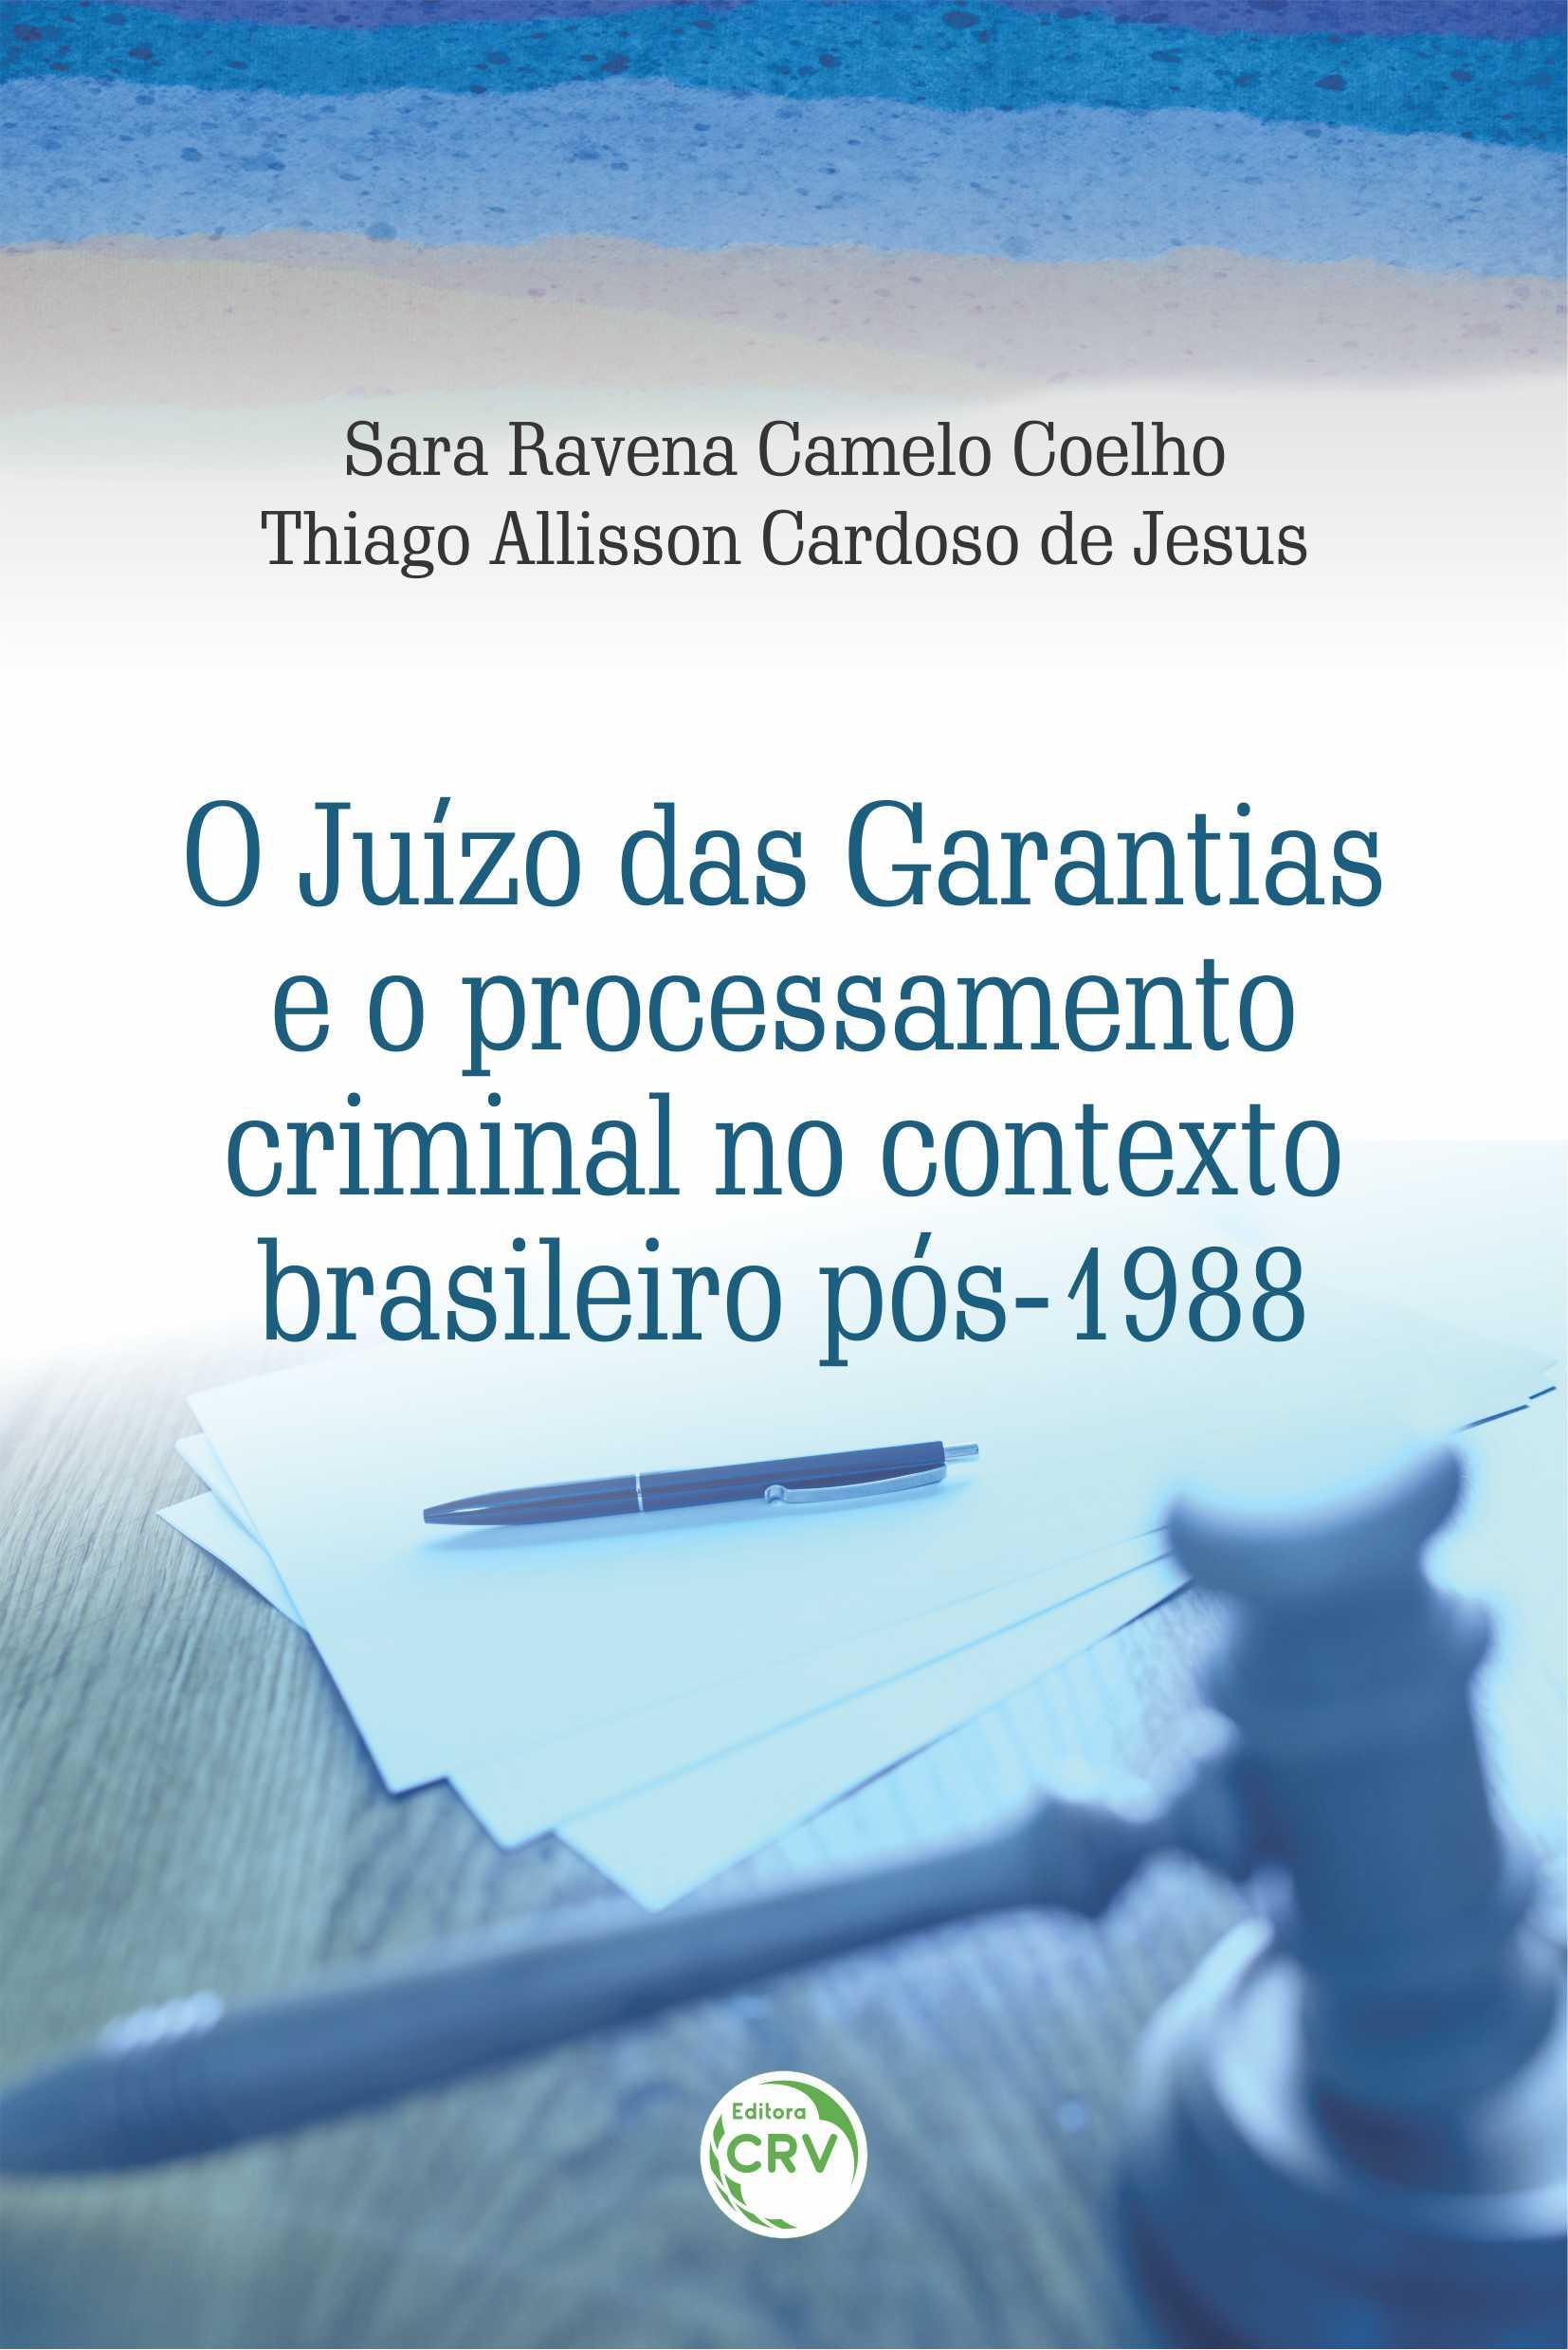 Capa do livro: O JUÍZO DAS GARANTIAS E O PROCESSAMENTO CRIMINAL NO CONTEXTO BRASILEIRO PÓS-1988